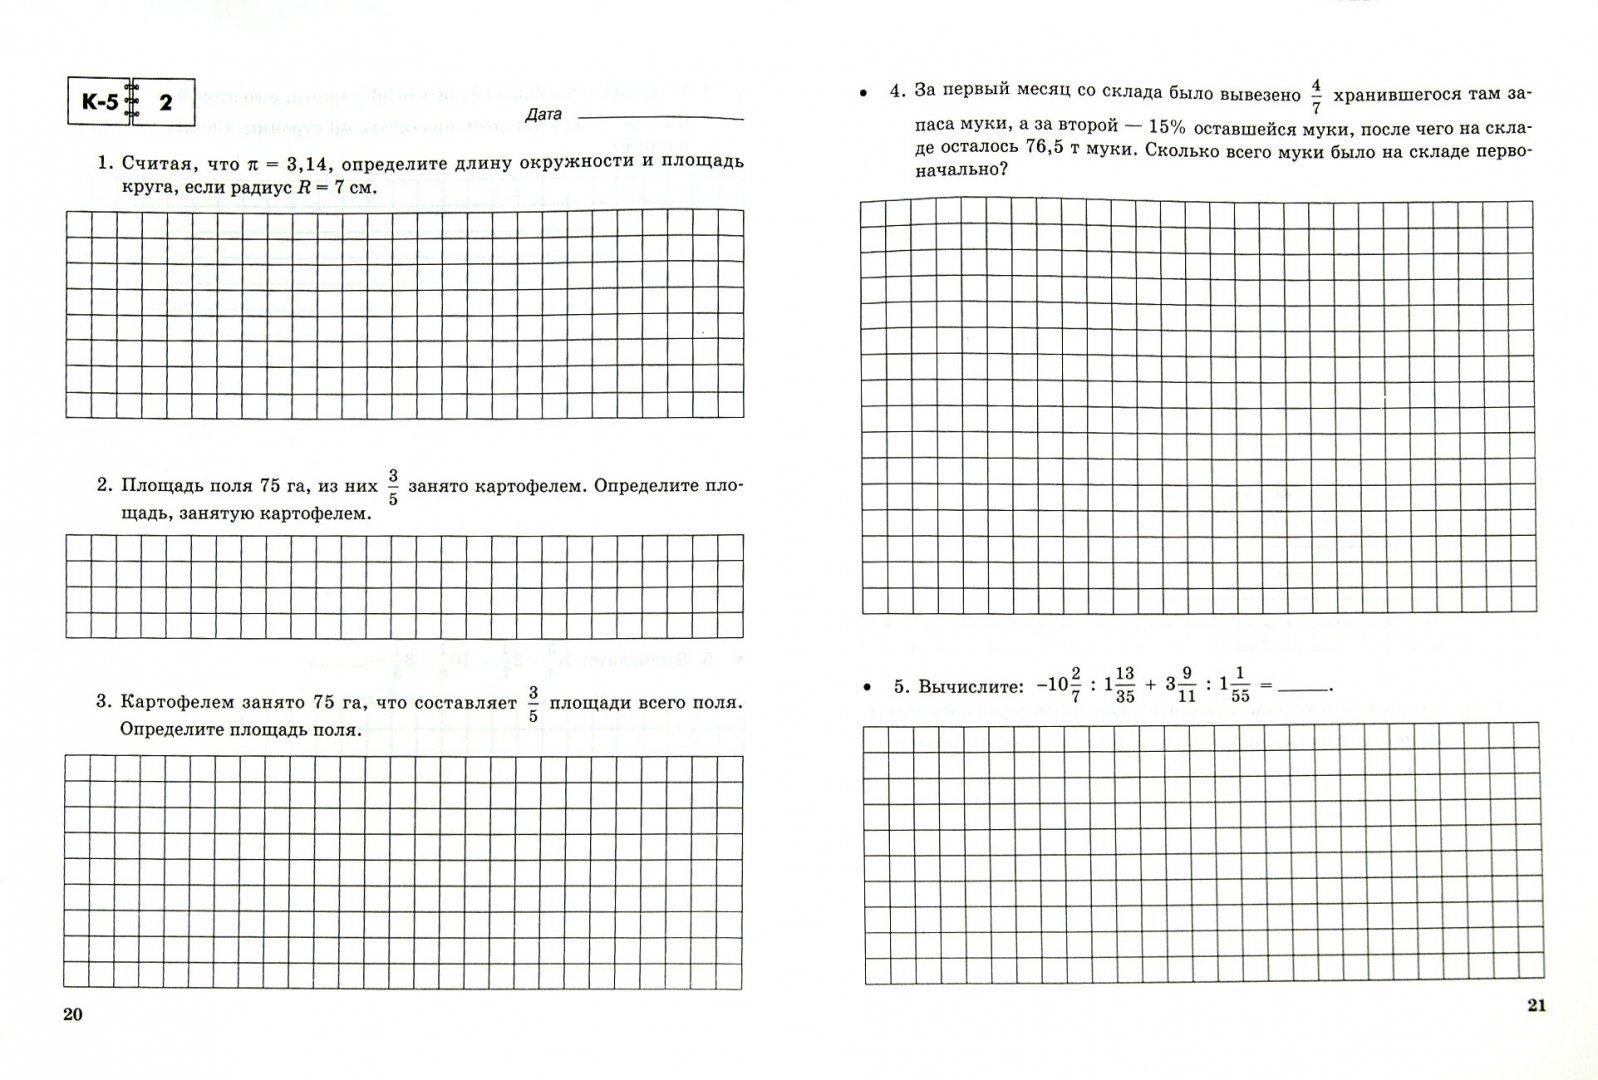 Иллюстрация 1 из 17 для Математика. 6 класс. Тетрадь для контрольных работ №2. ФГОС - Зубарева, Лепешонкова | Лабиринт - книги. Источник: Лабиринт